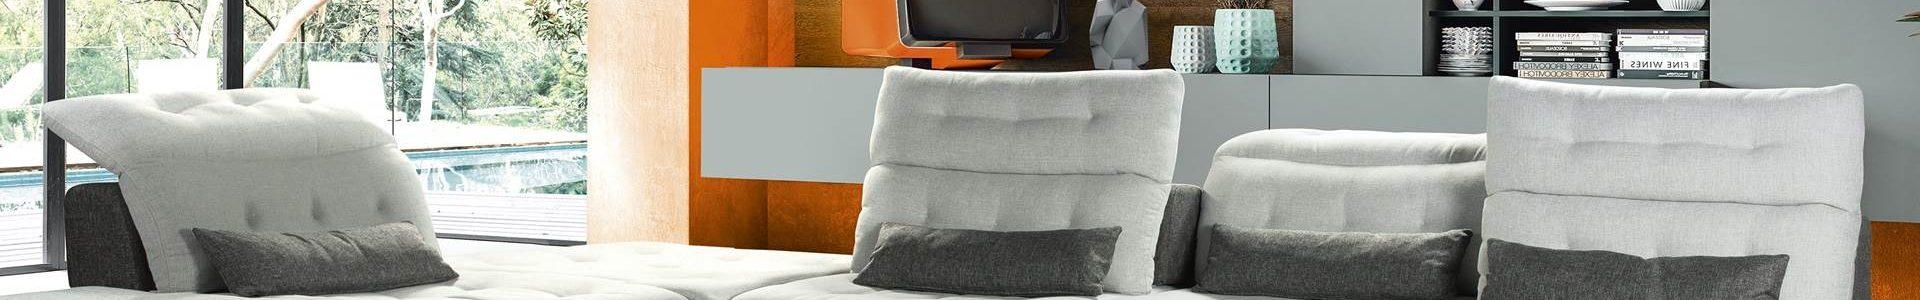 Salon modulable couetté, avec dossier avance recule et tétières inclinables, existe en cuir, tissu, bi-matière. Plusieurs coloris et configurations